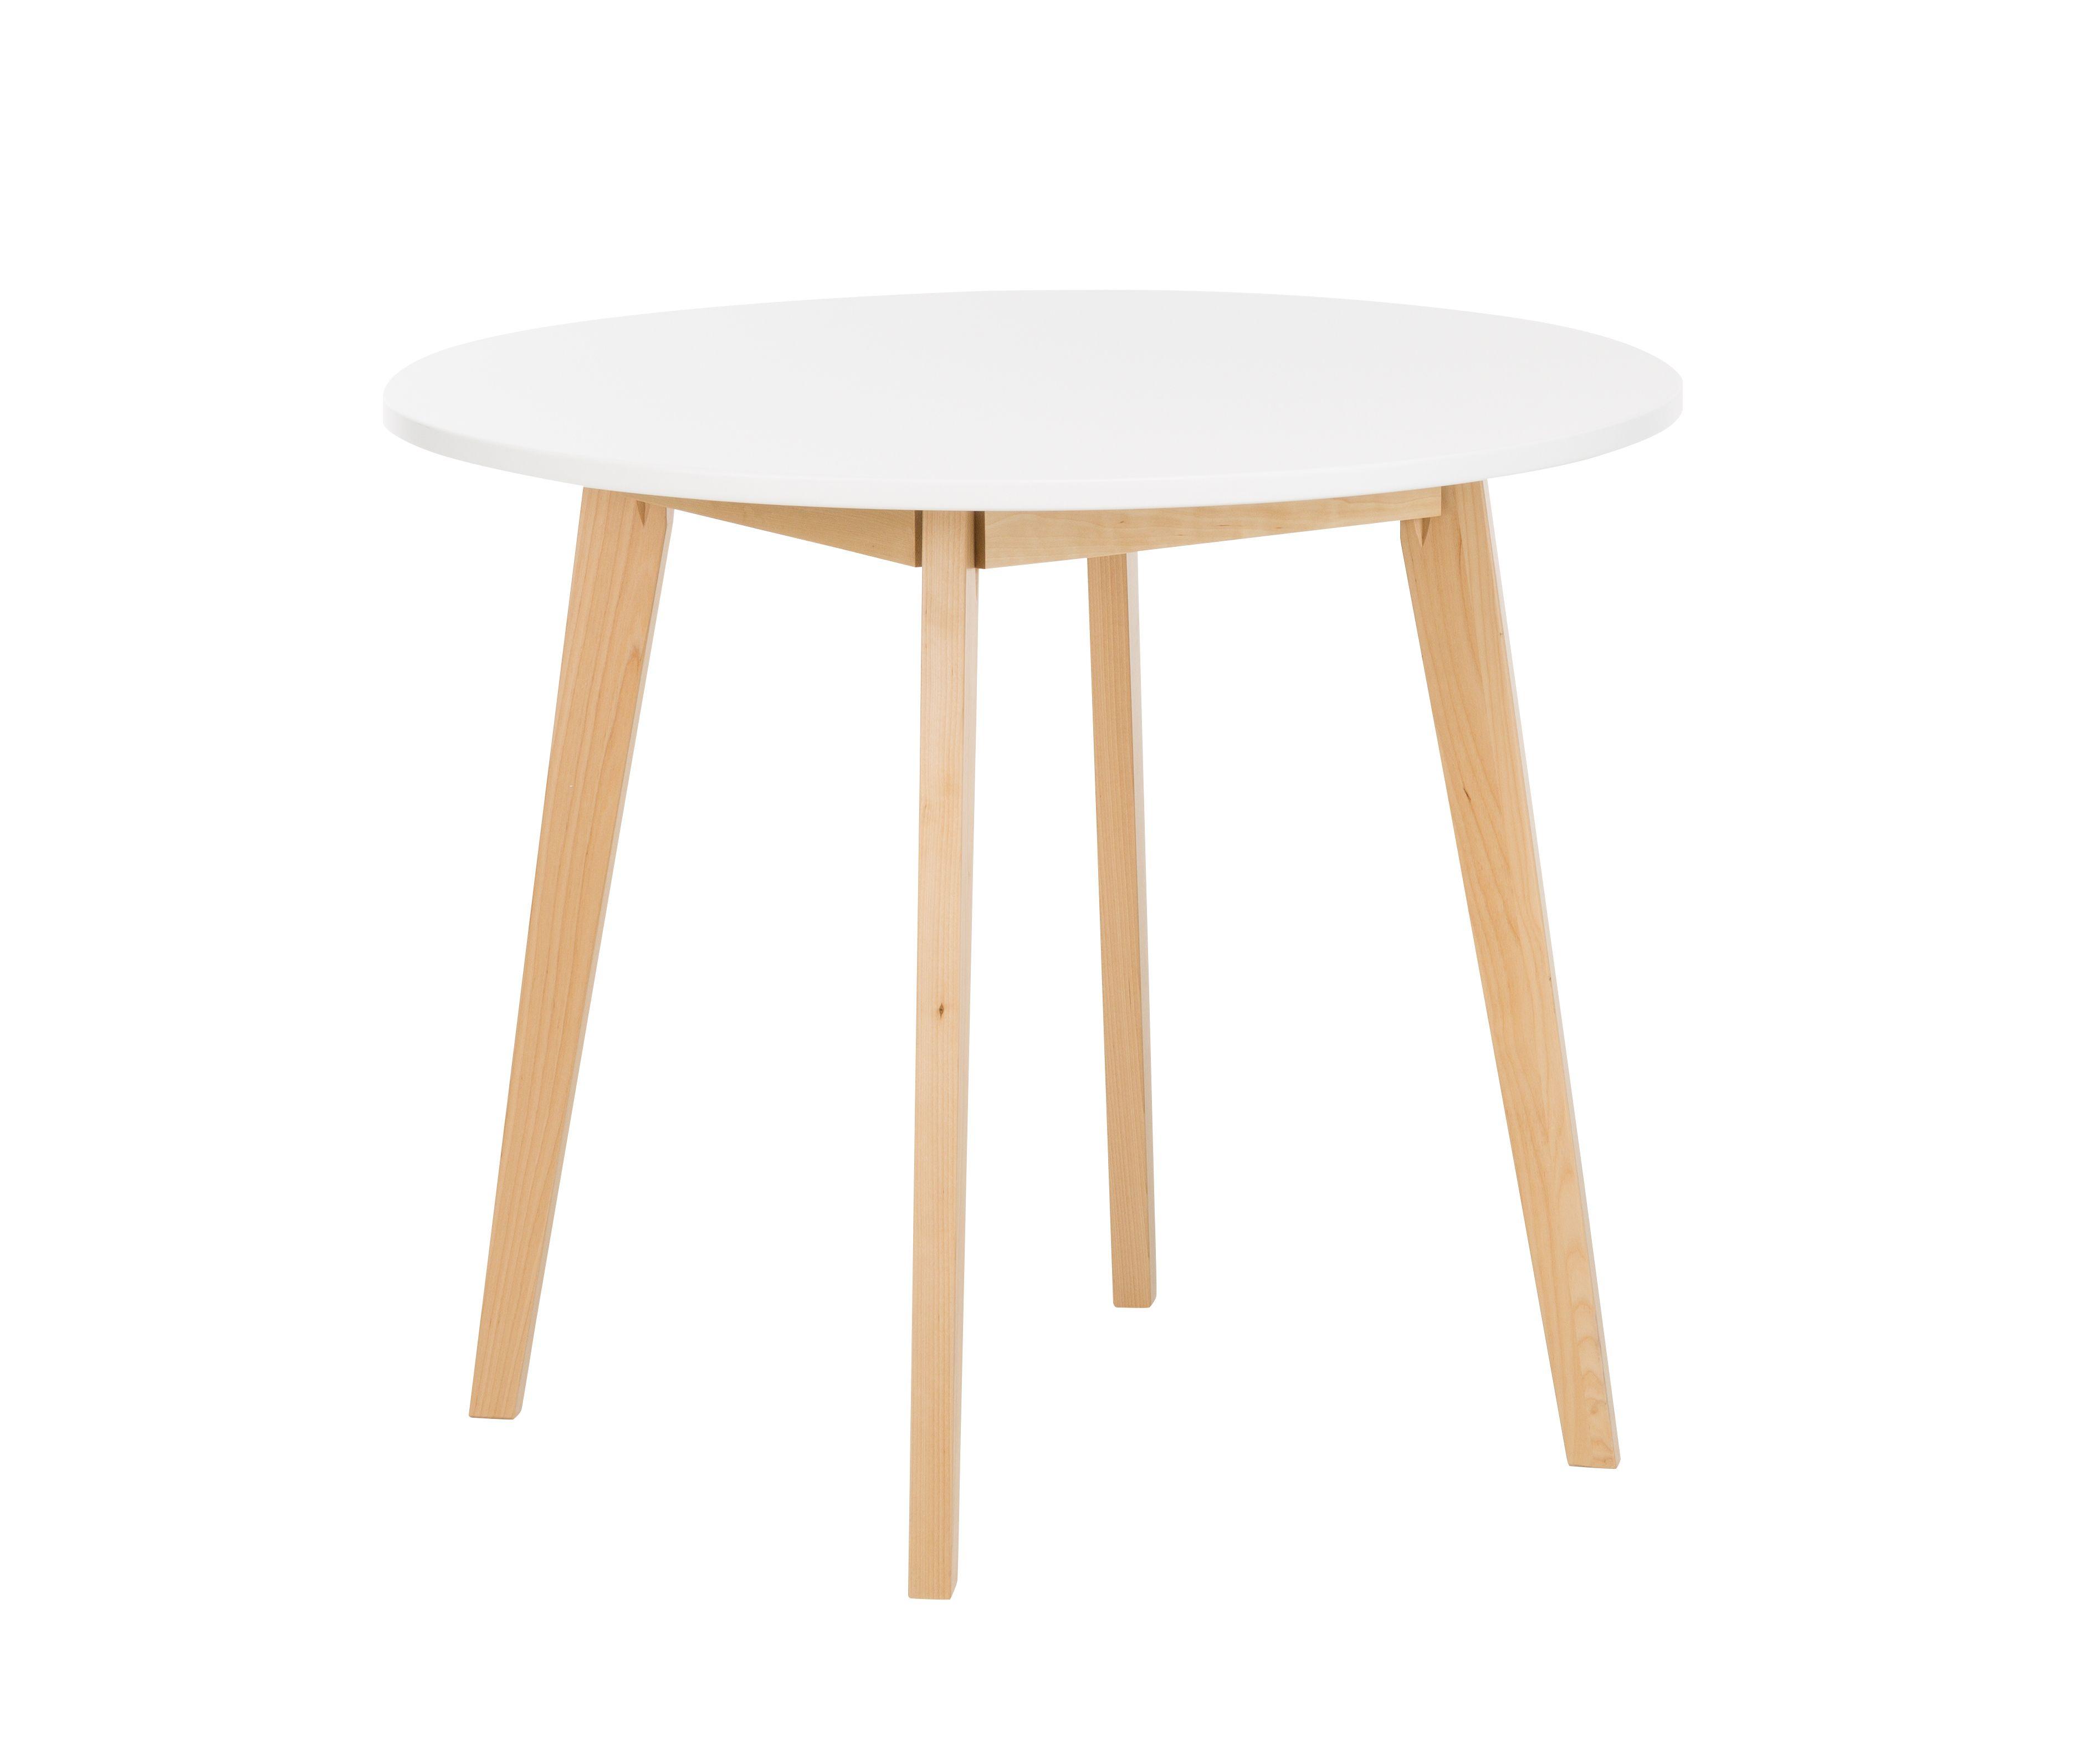 Atemberaubend Küchentisch Und Stühle Für Kleine Fläche Ideen - Ideen ...